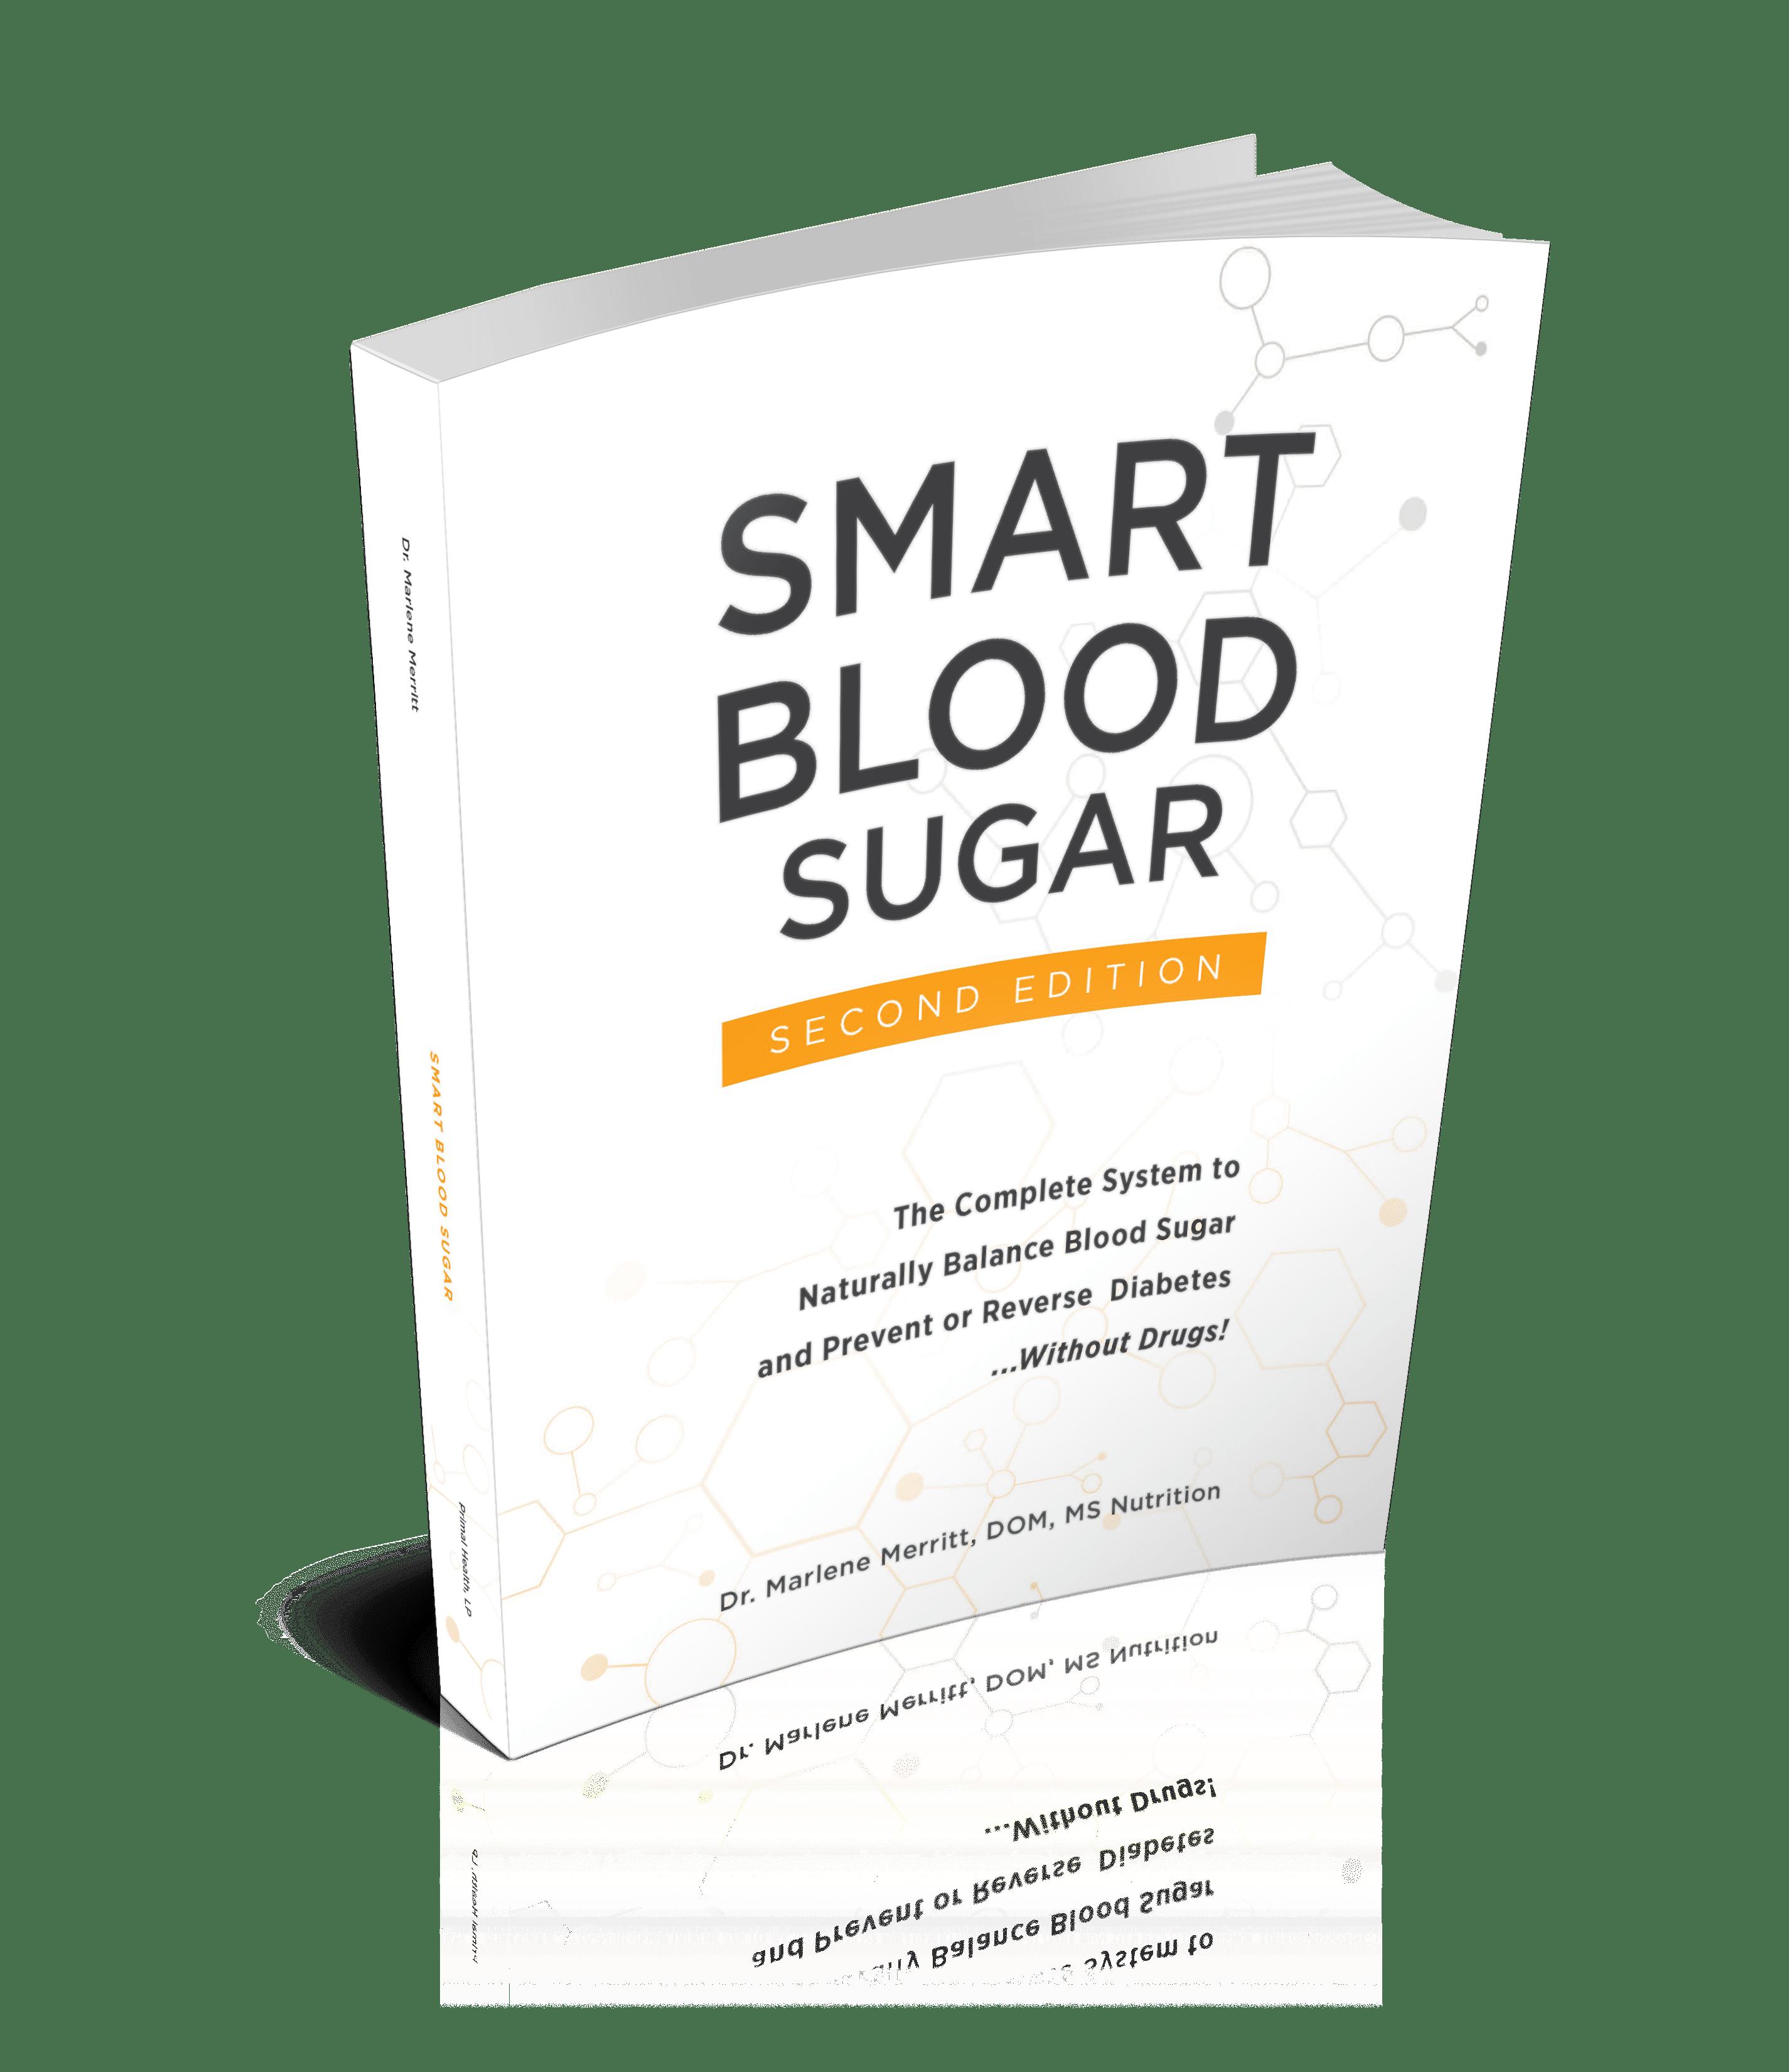 Smart Blood Sugar - HUGE OFFER DON'T MISS OUT Reviews https://evvyword.com/wp-content/uploads/2021/10/Smart-Blood-Sugar-2021.png smart blood sugar